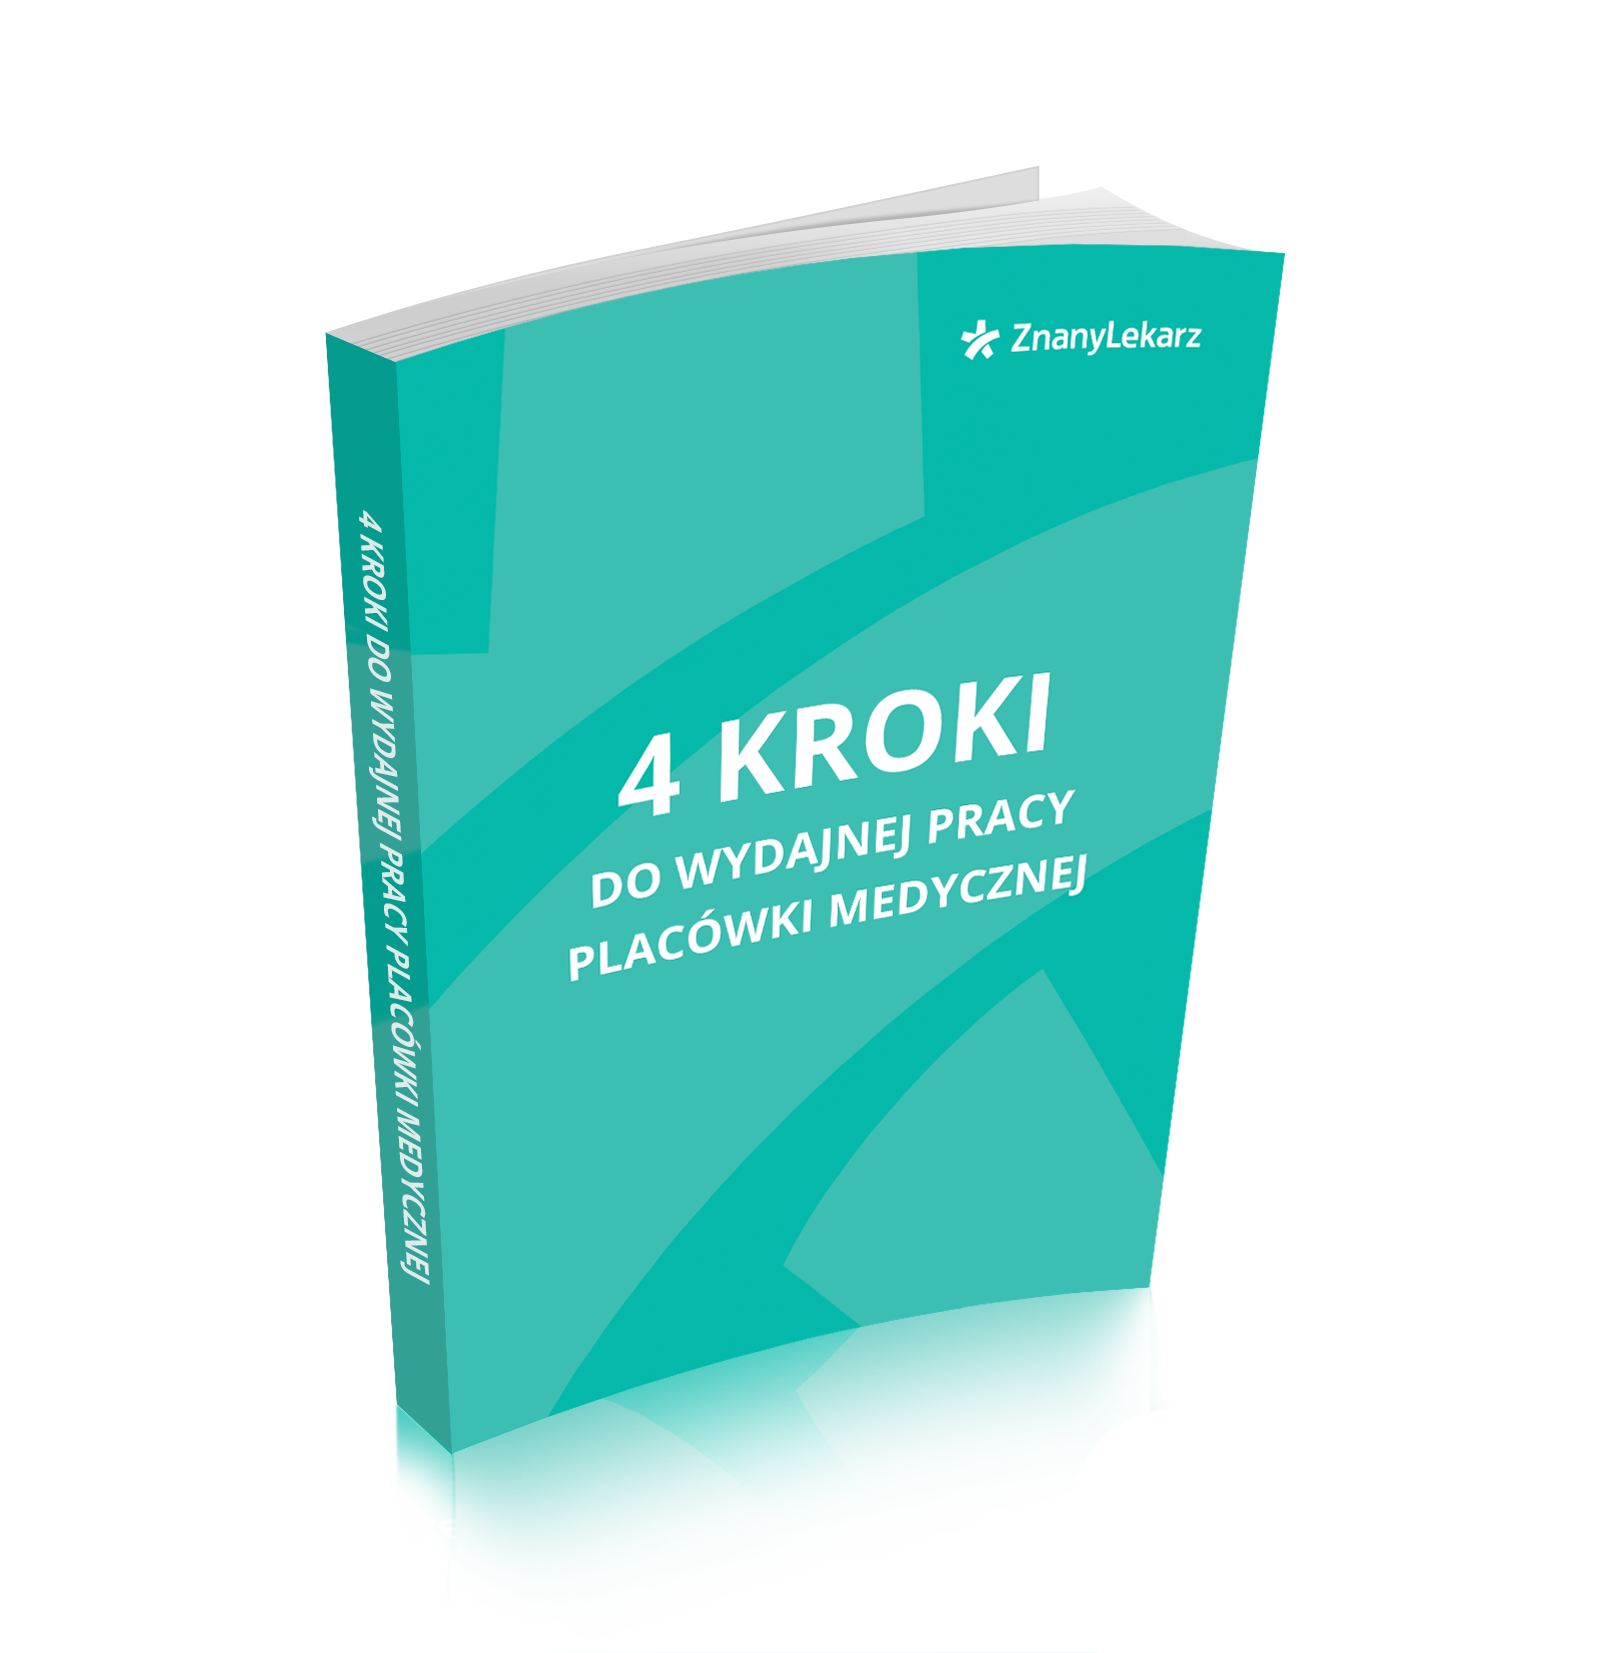 4_kroki-mockup.png